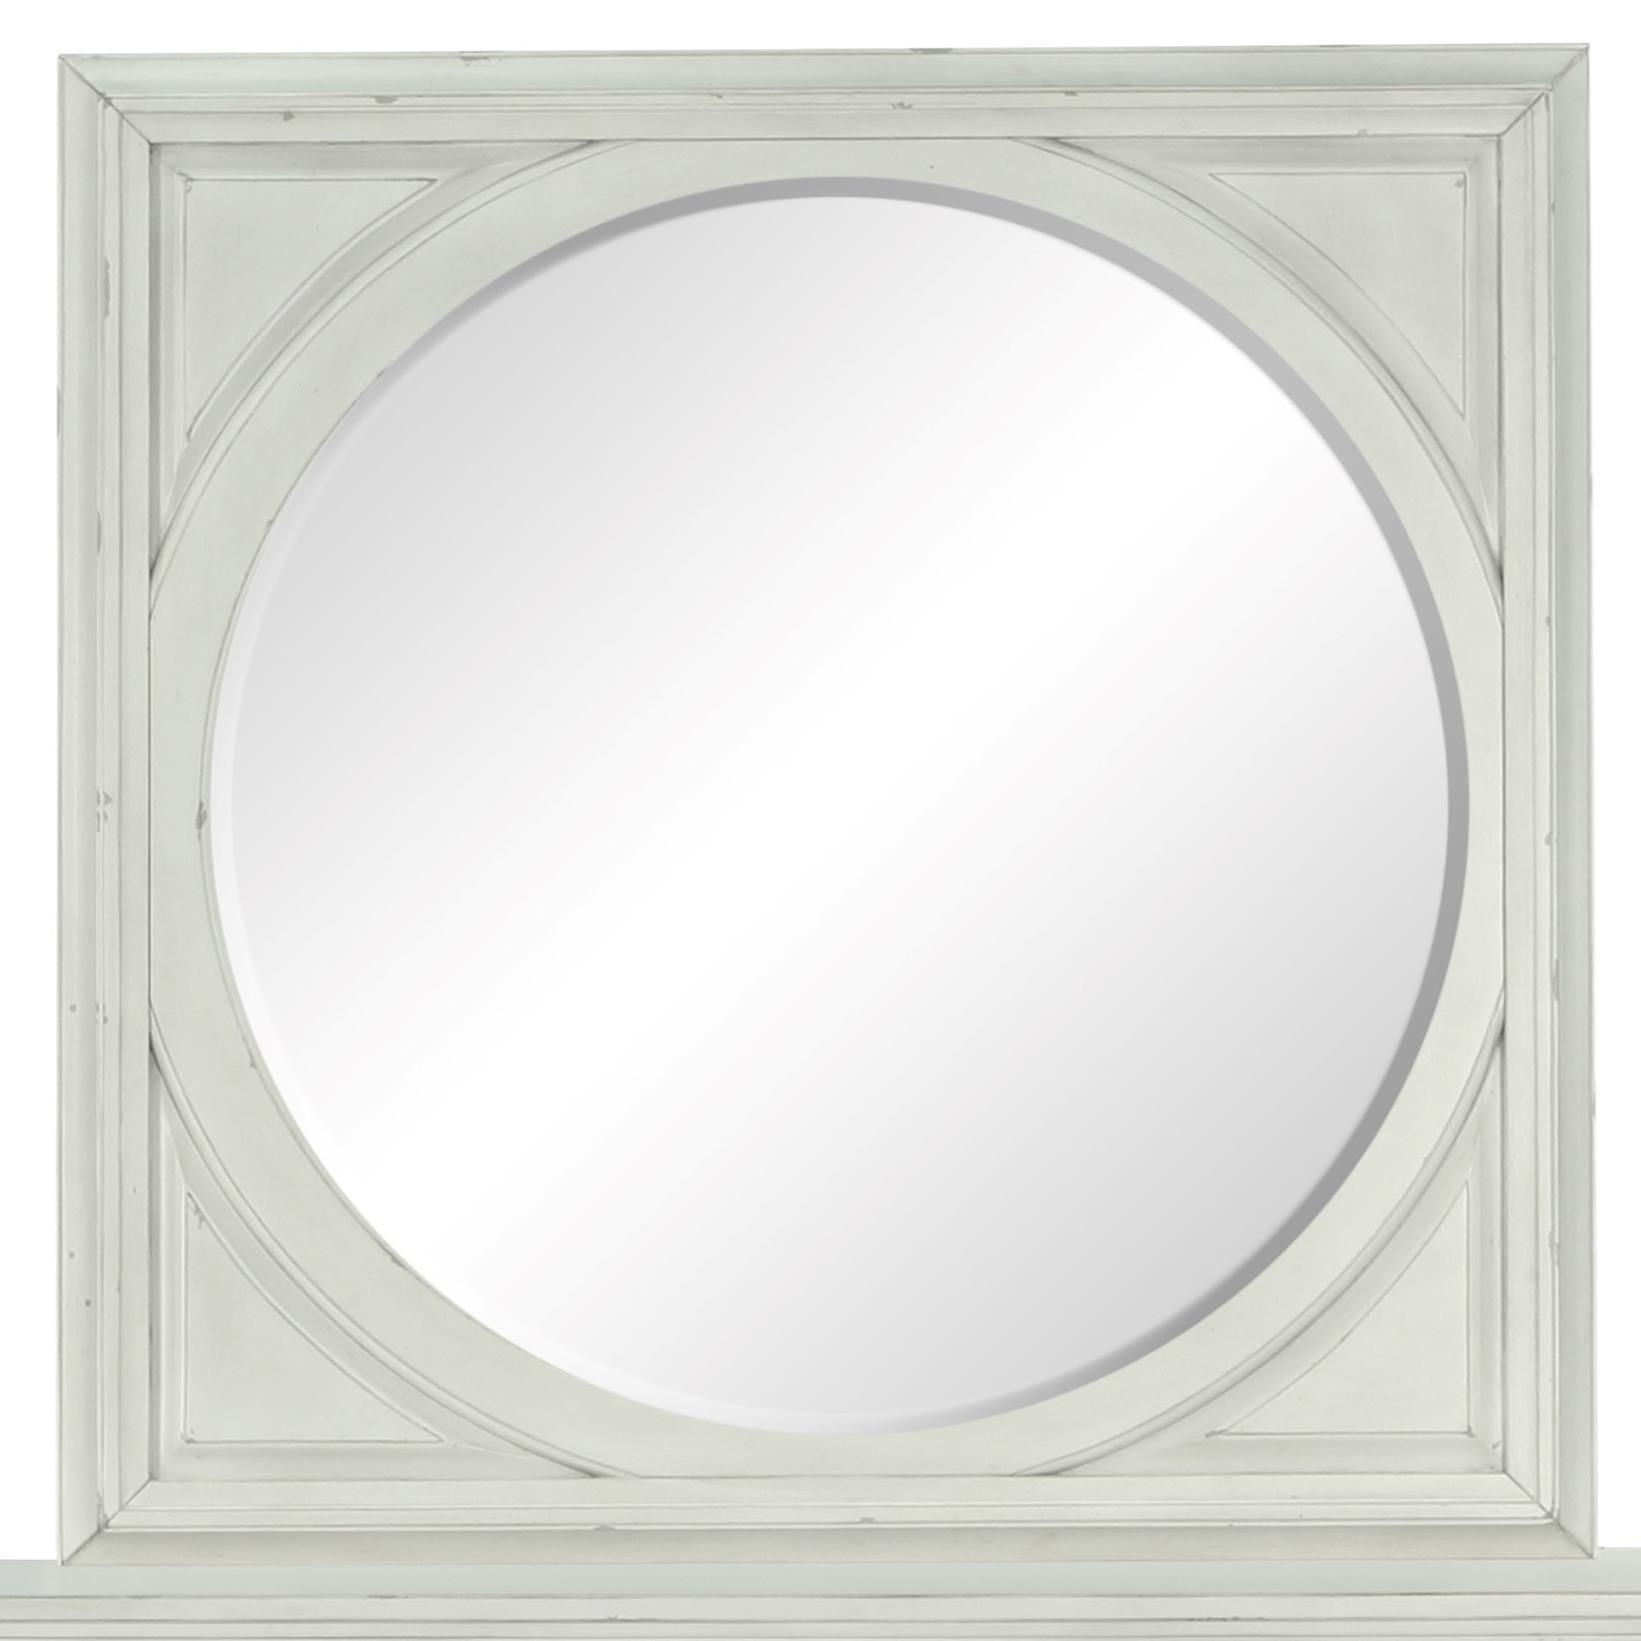 Belfort Select Magnolia Park Square Mirror - Item Number: B3681-41